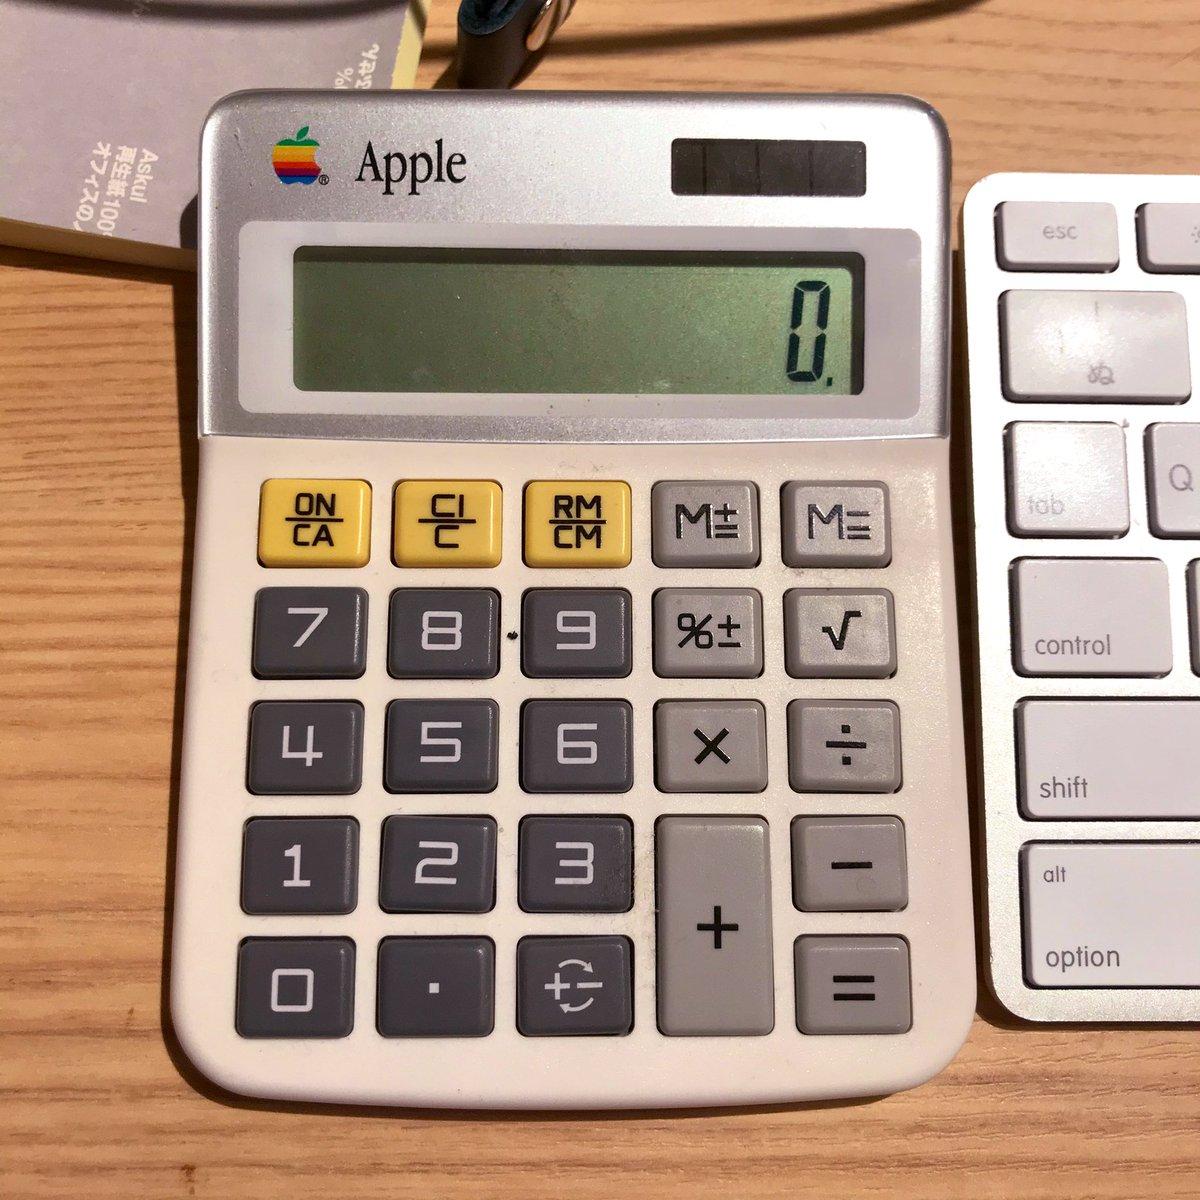 ただの自慢なのですが、私の電卓は、ヴィンテージApple。これ実は中身canon。つまり、迷走したAppleが名前貸しだけのダサイ形で小銭を稼いでた時代のもの。コード1本でも自前で作りパッケージ、販売店すらも1つの思想で統一されている今のAppleからは考えられないプロダクトでとても気に入ってます